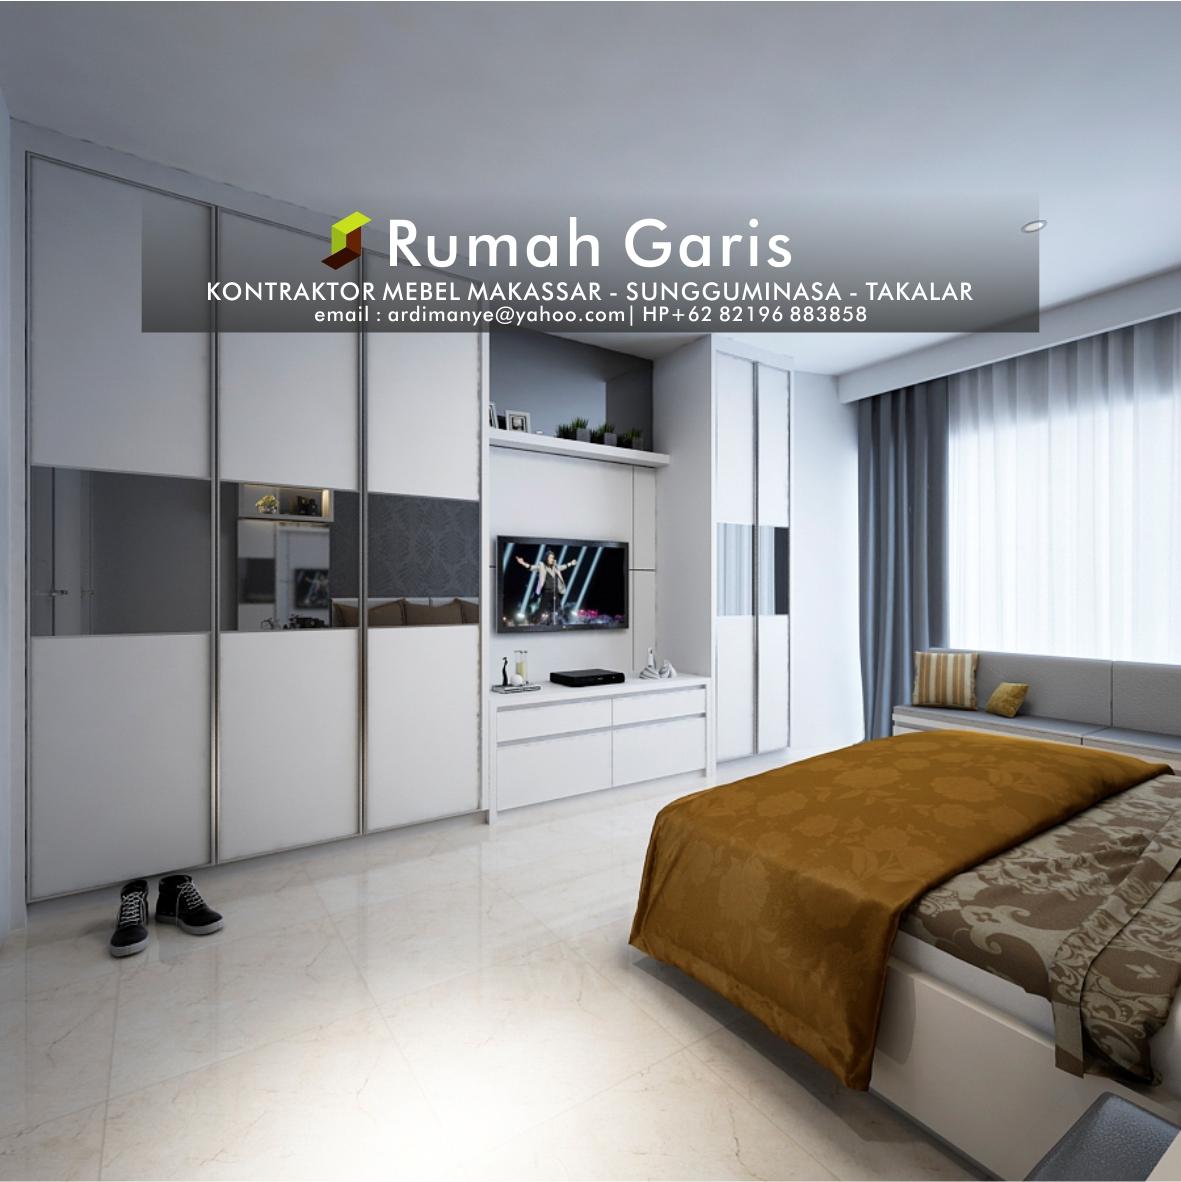 Jasa Desain Rumah Makassar: Rumah Garis